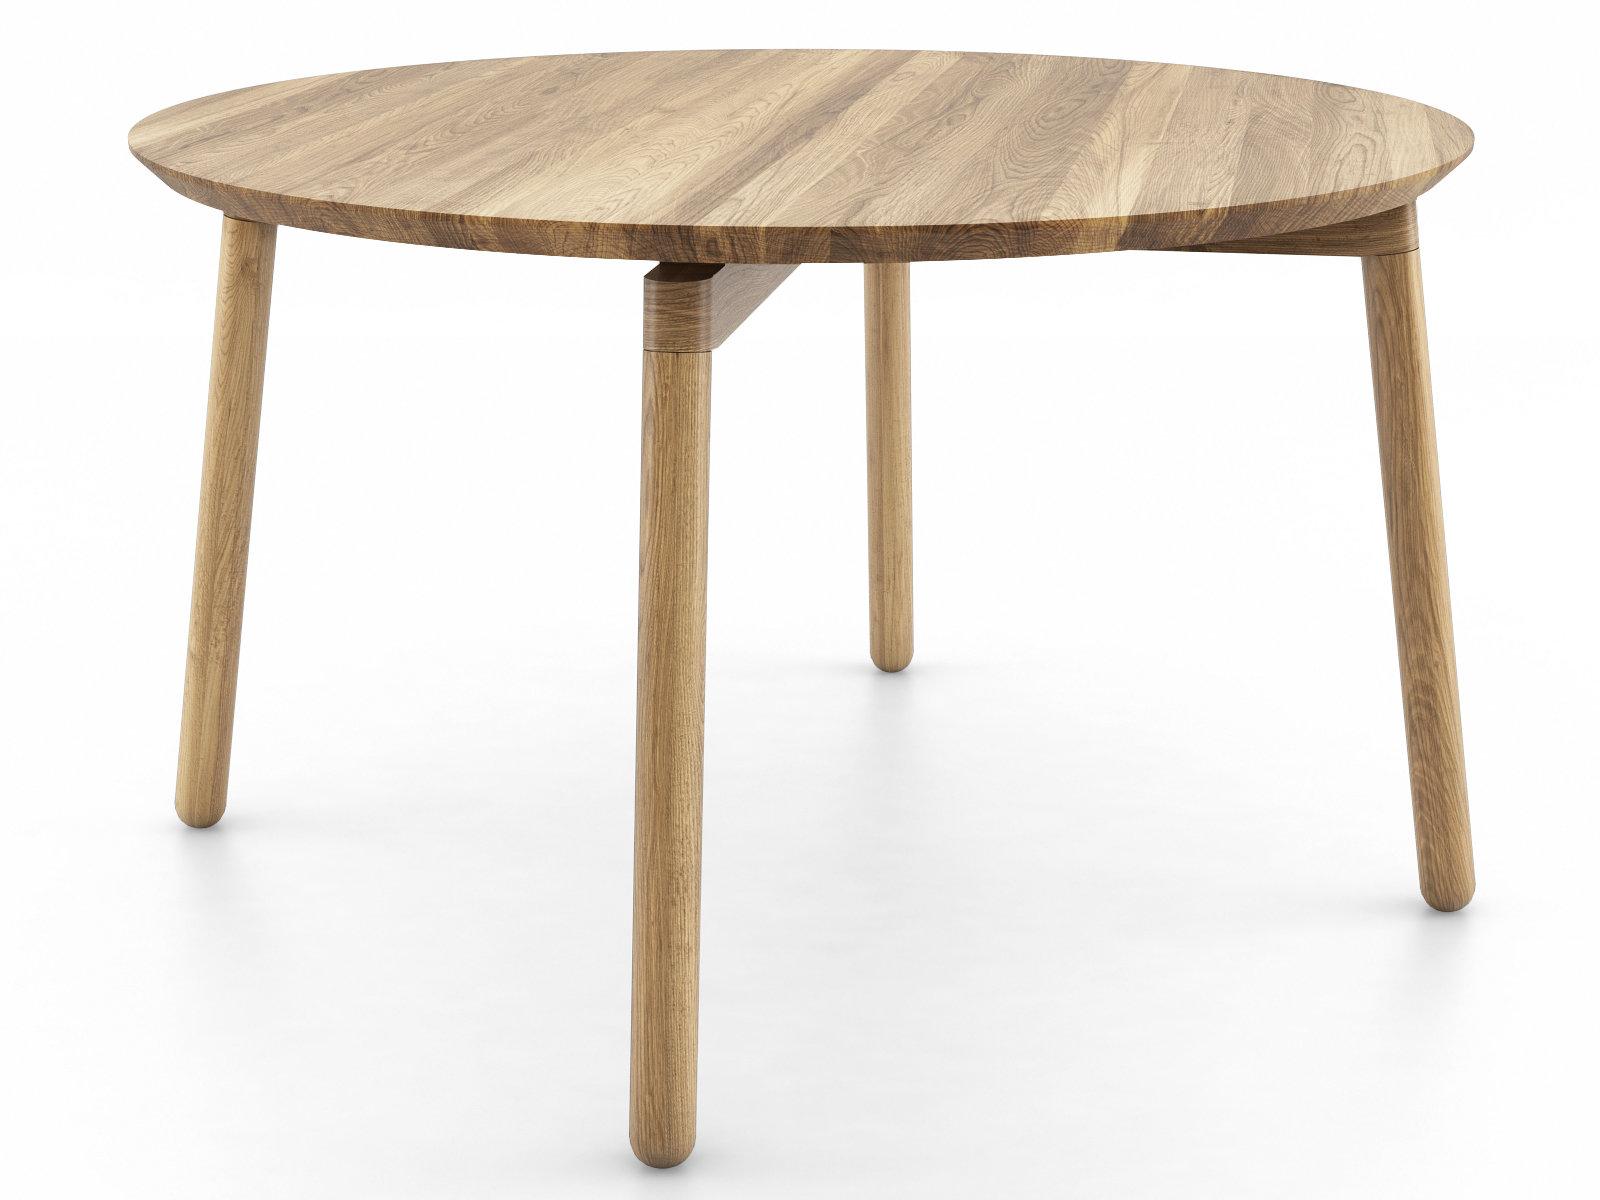 Nord table 3d model normann copenhagen for Table 3d model